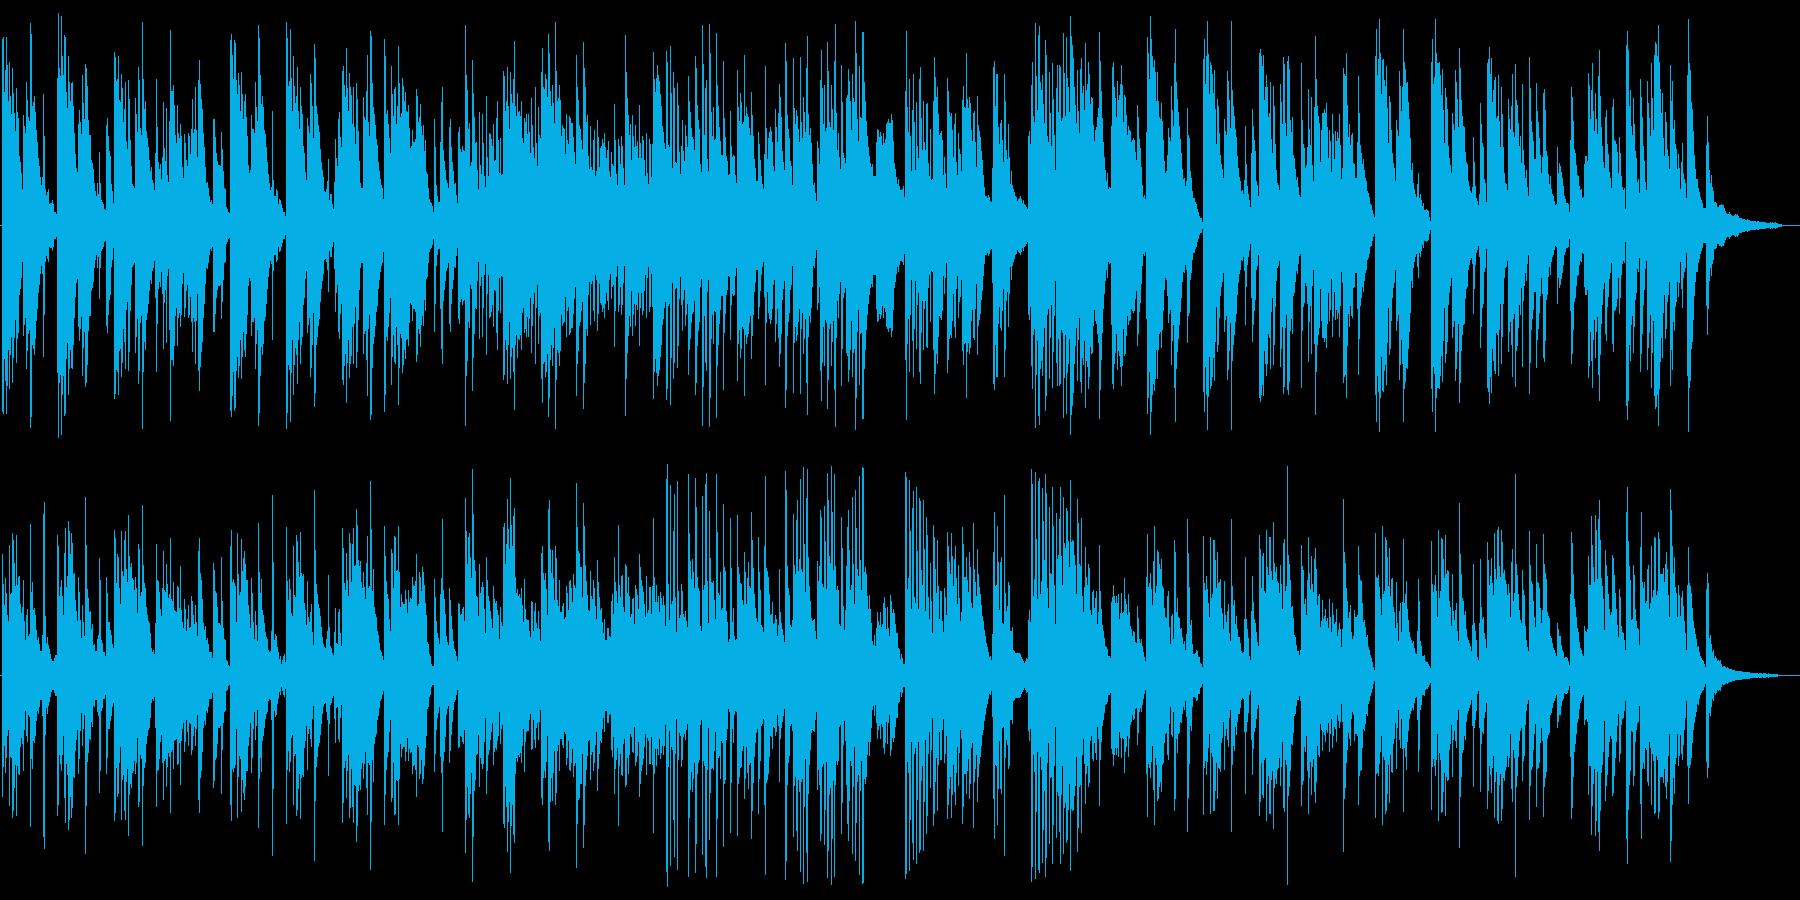 しっとりとメローなピアノサウンドの再生済みの波形